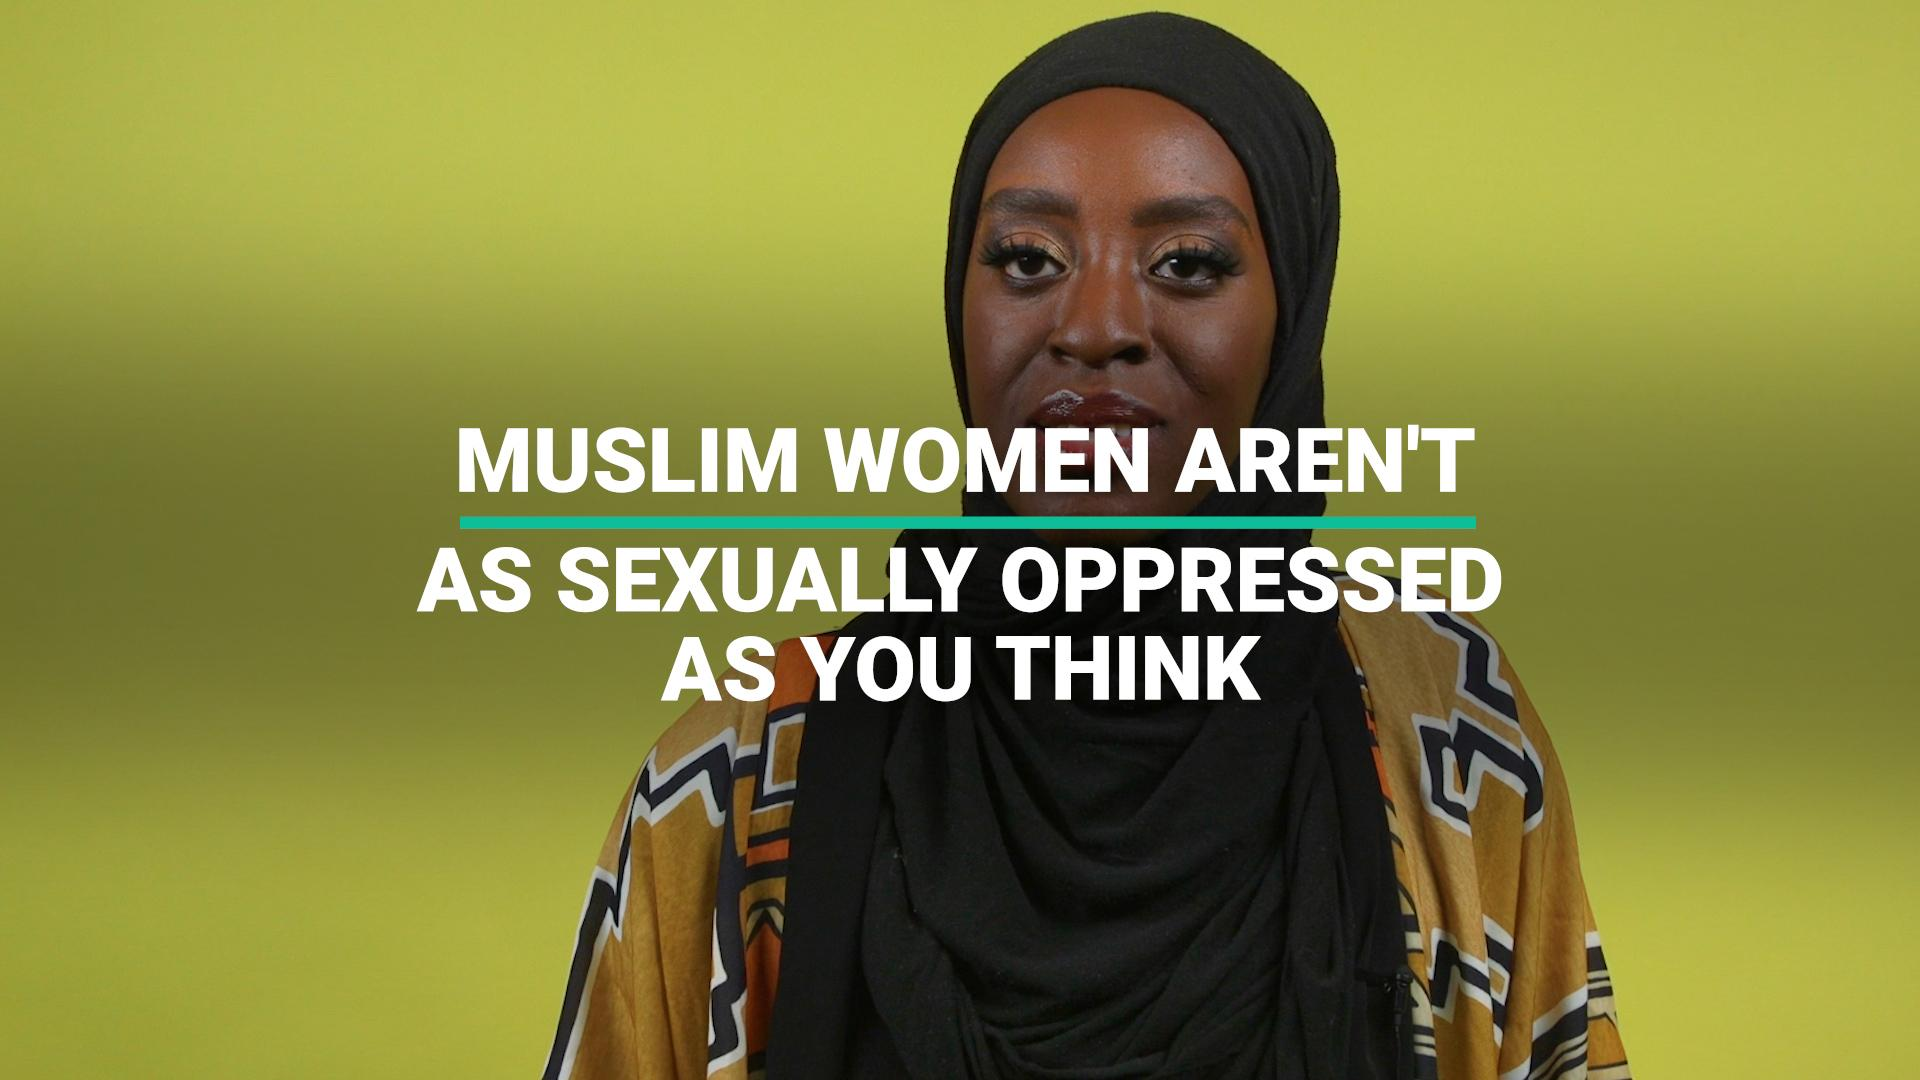 The Virginity Games Muslim Women Play